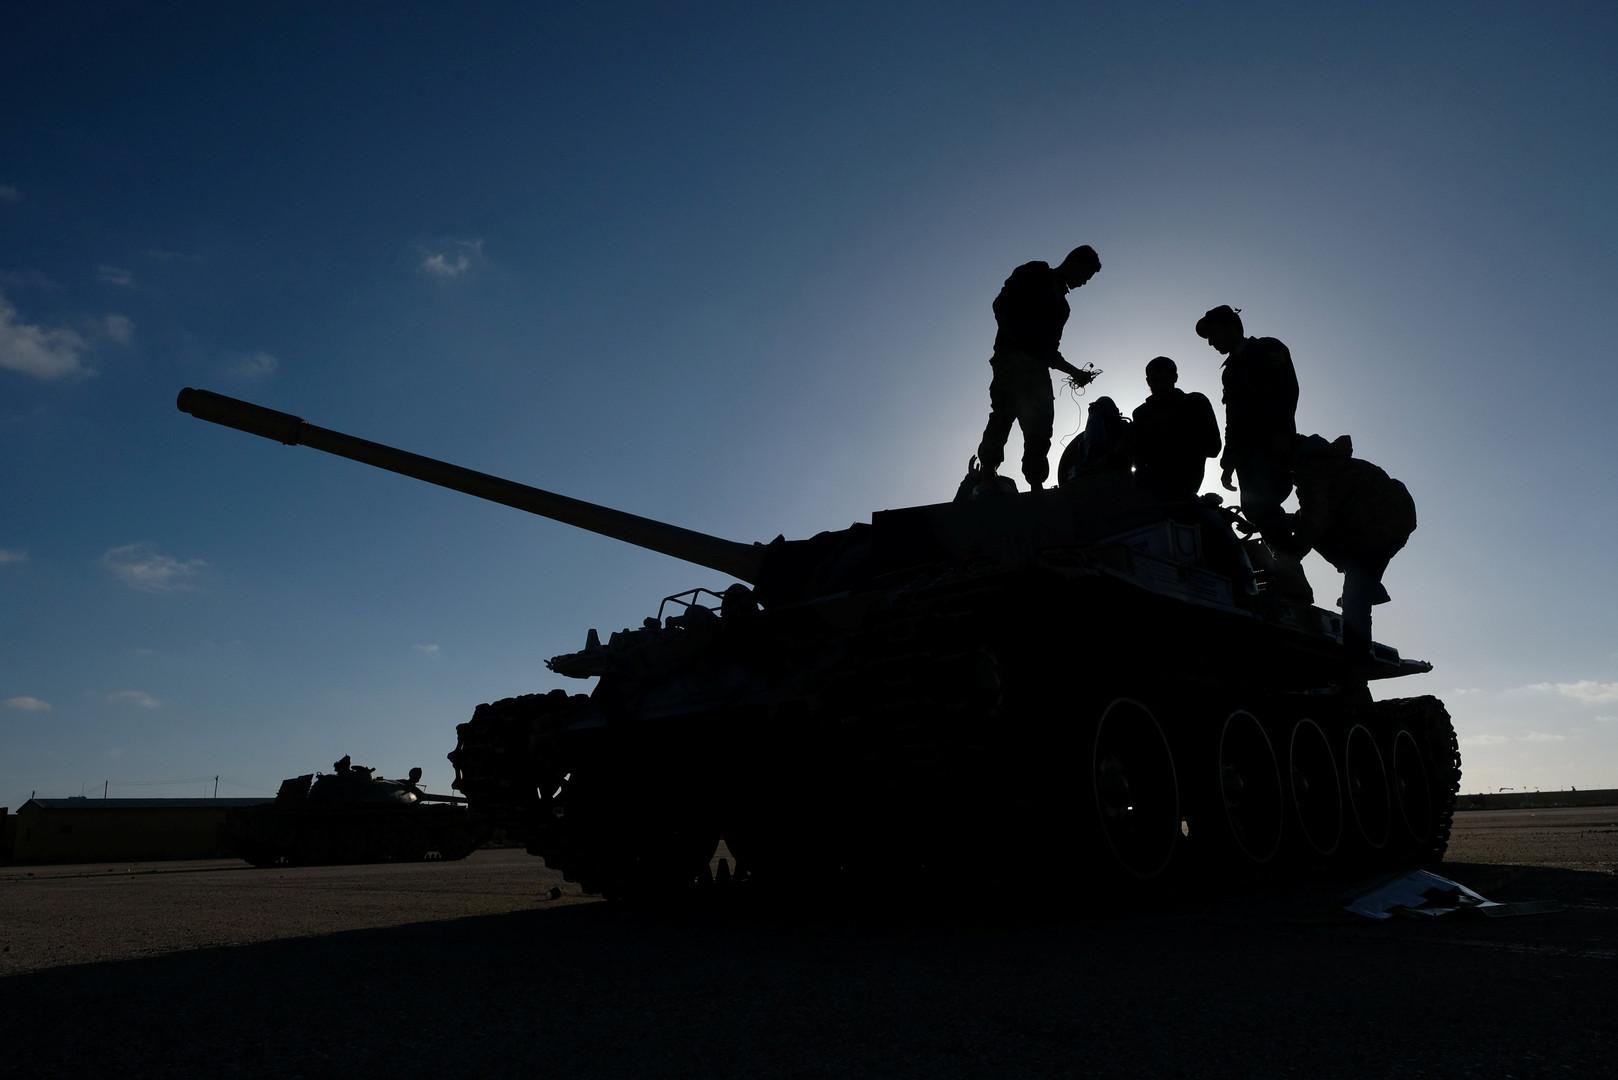 قوات حفتر توسع نطاق سيطرتها جنوب طرابلس وحكومة الوفاق تطلق مرحلة الهجوم